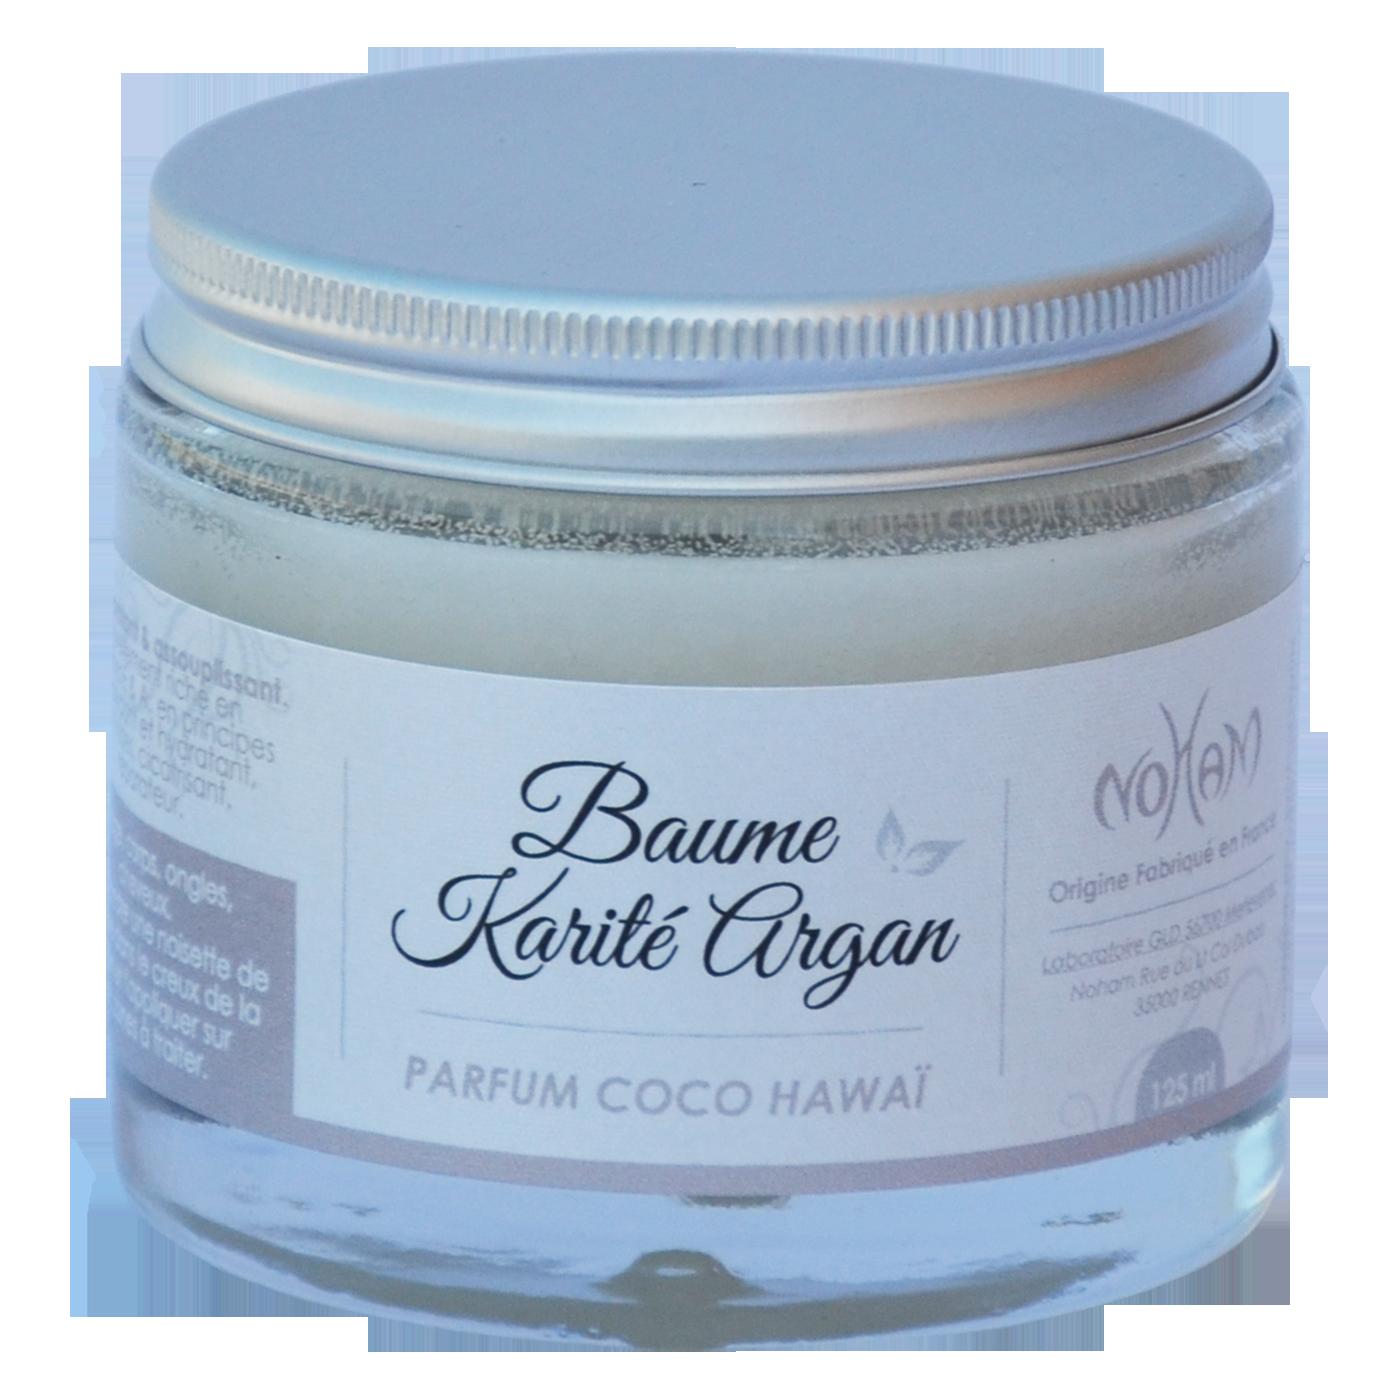 Beaume Karité Argan coco hawai